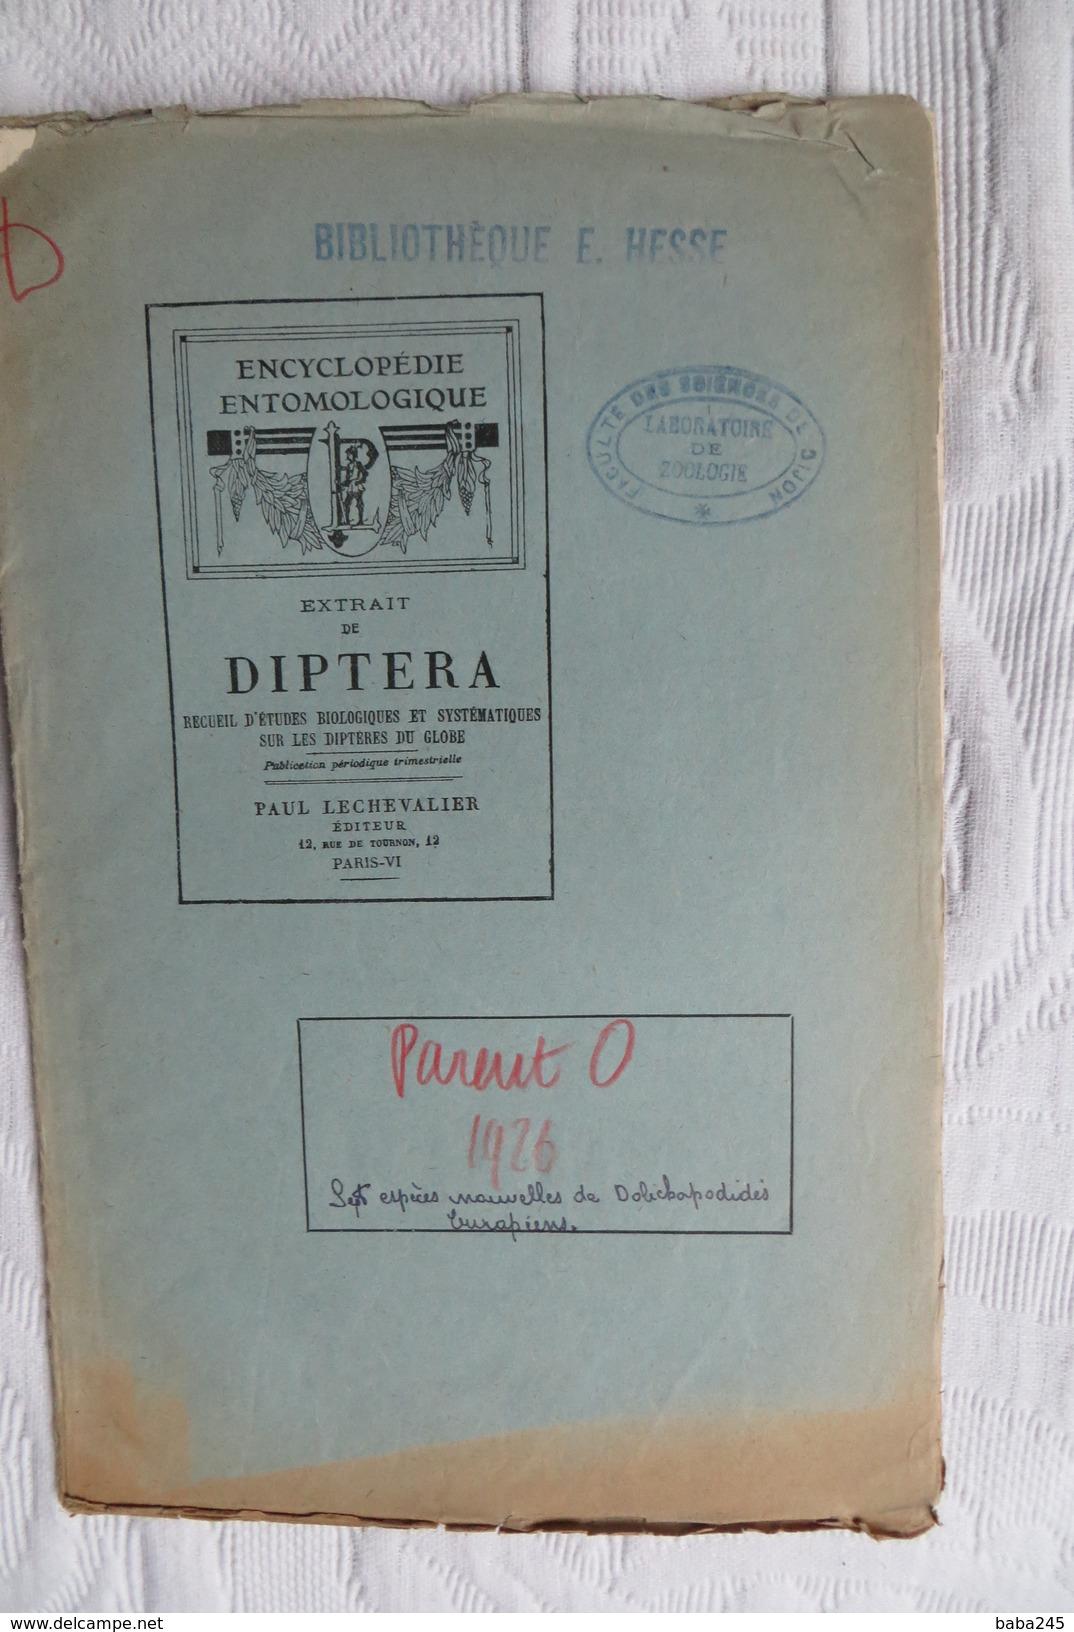 ABBE O PARENT 7 ESPECES NOUVELLES DE DOLICHOPODIDES 1926 - Sciences & Technique